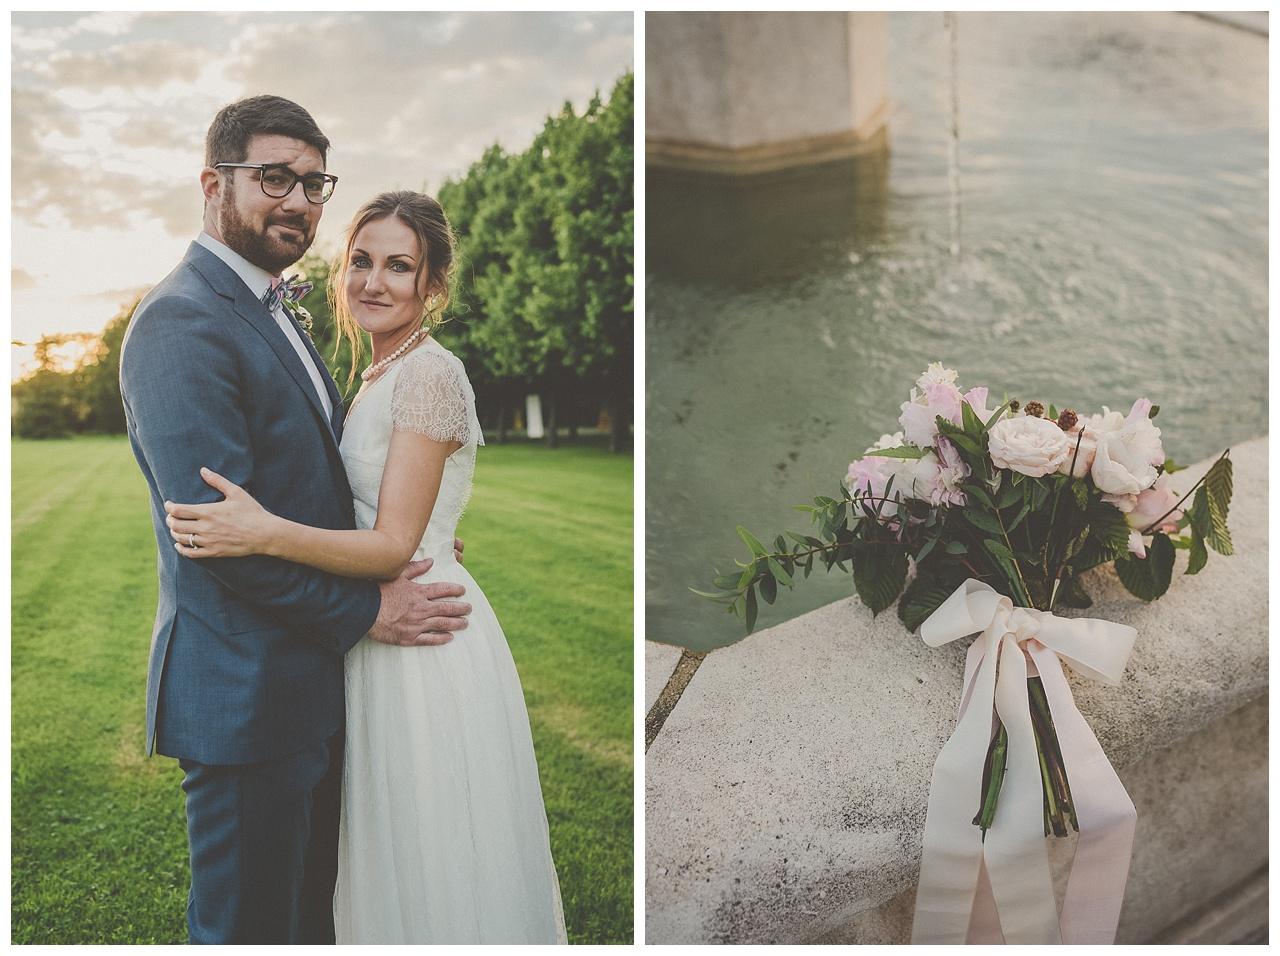 mariage-champetre-et-pastel-au-domaine-de-laborde-en-bourgogne_0090